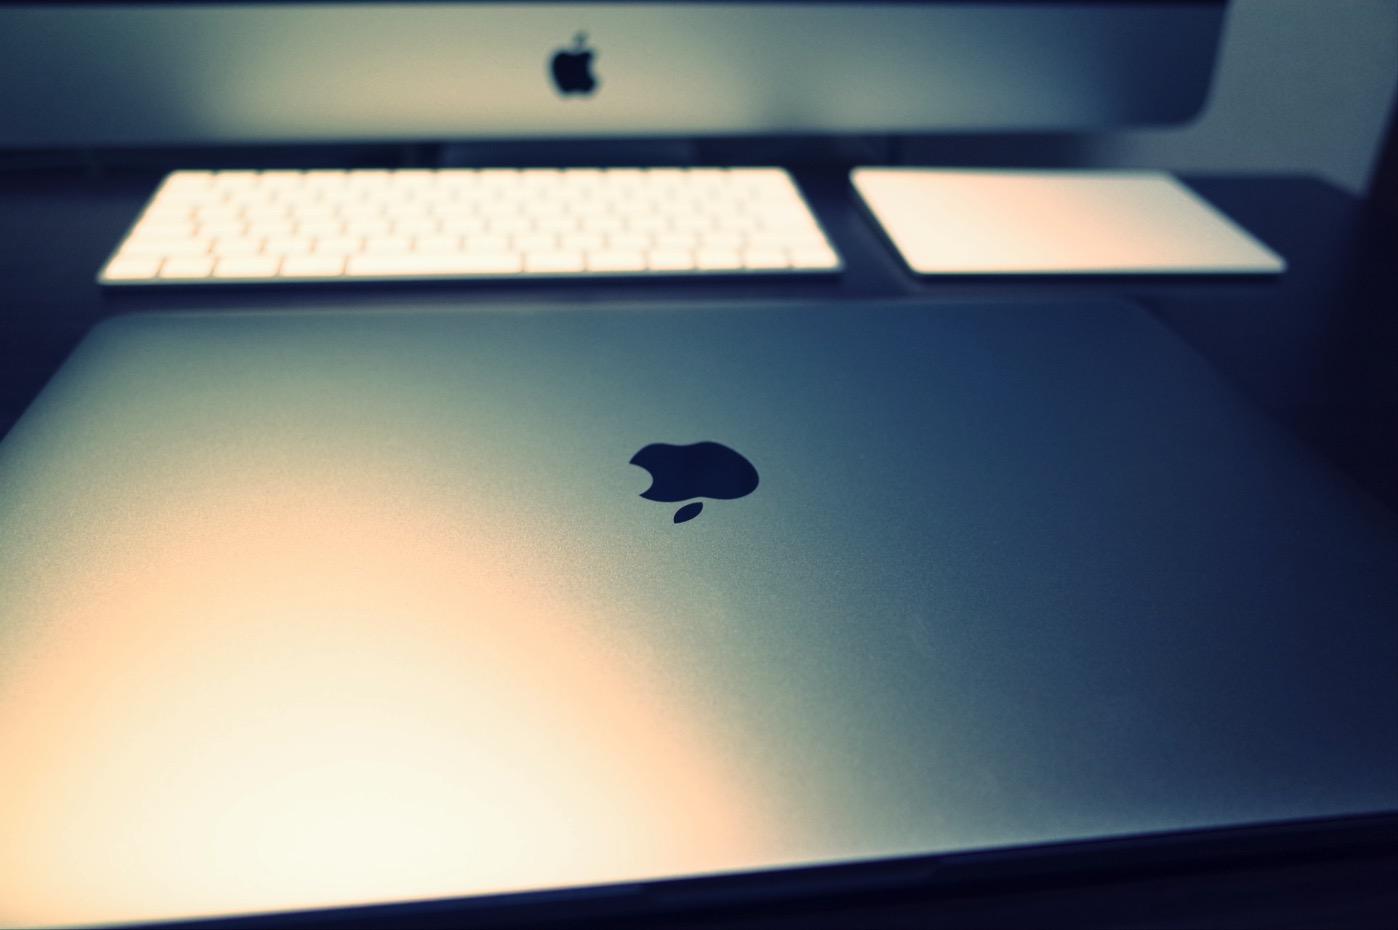 [iTunes]新型MacBook ProでiTunesの認証できなかったので改善してみたよ